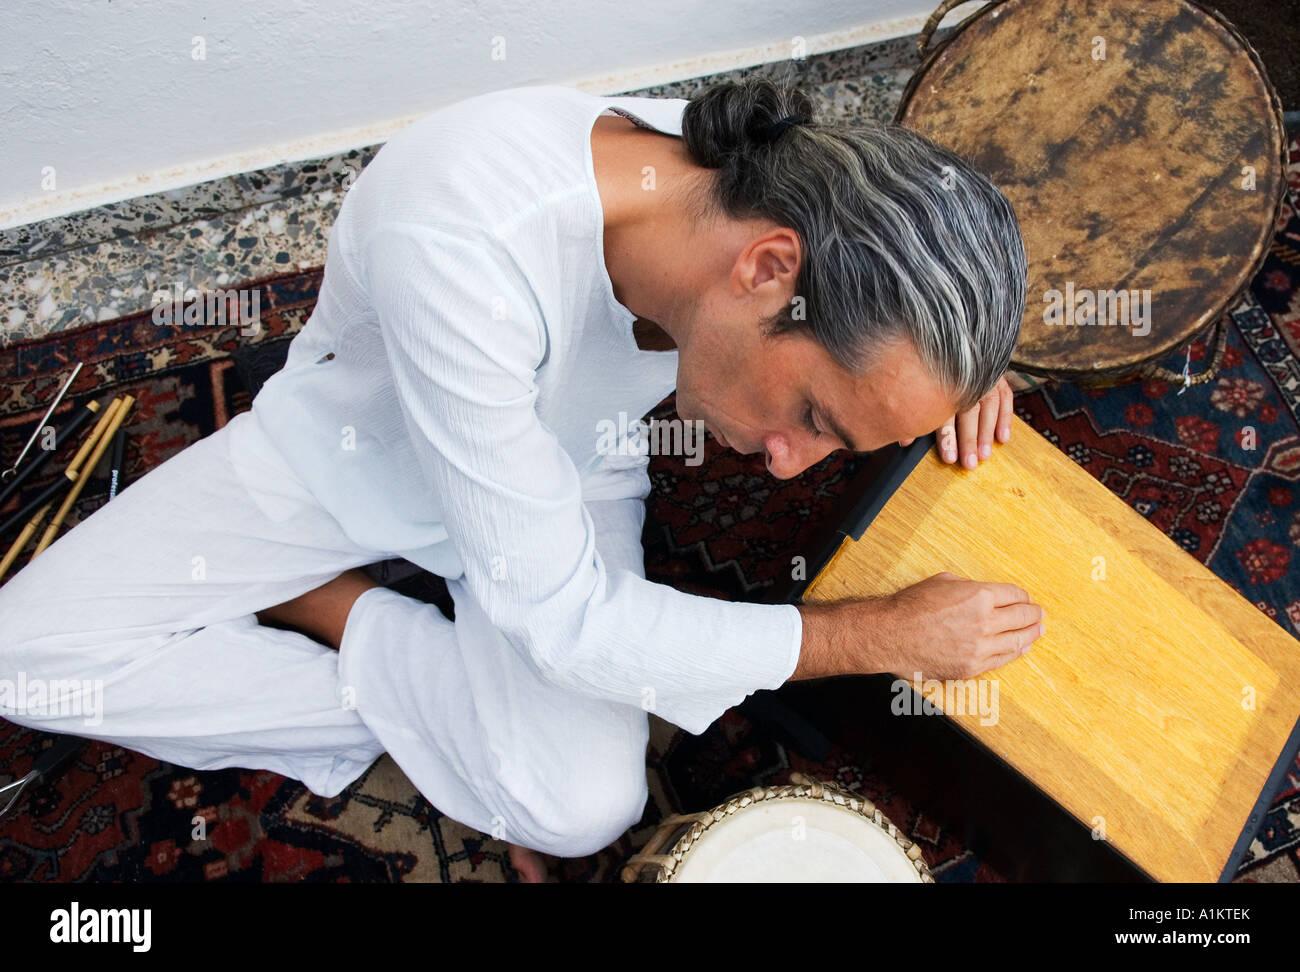 Musicien joue tranquillement un Cajon Photo Stock